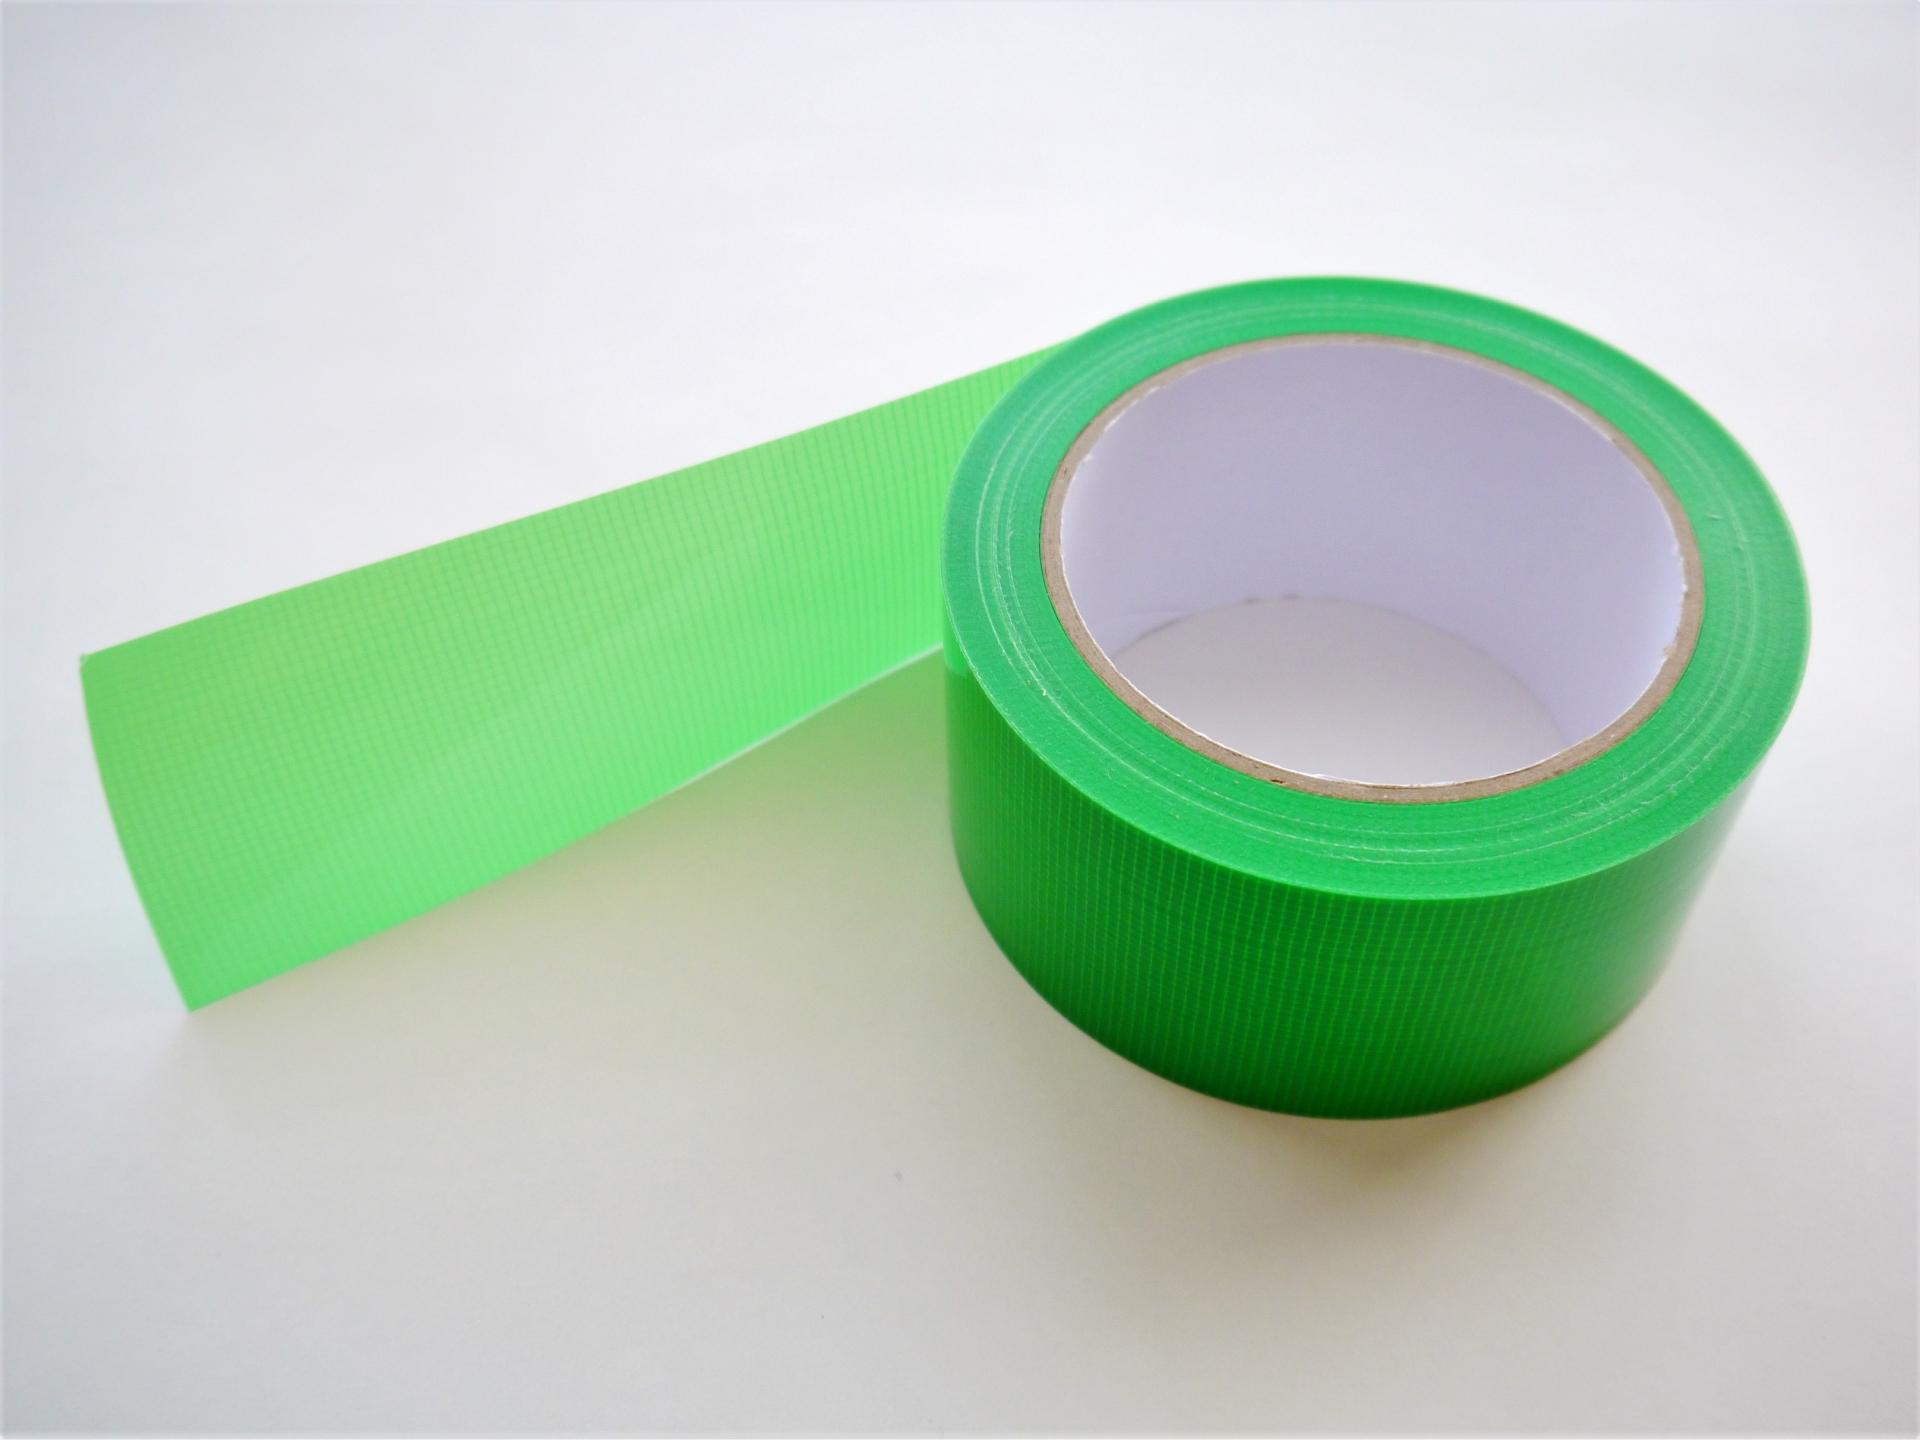 台風準備に養生テープ(一番のおすすめは台風防災テープです)